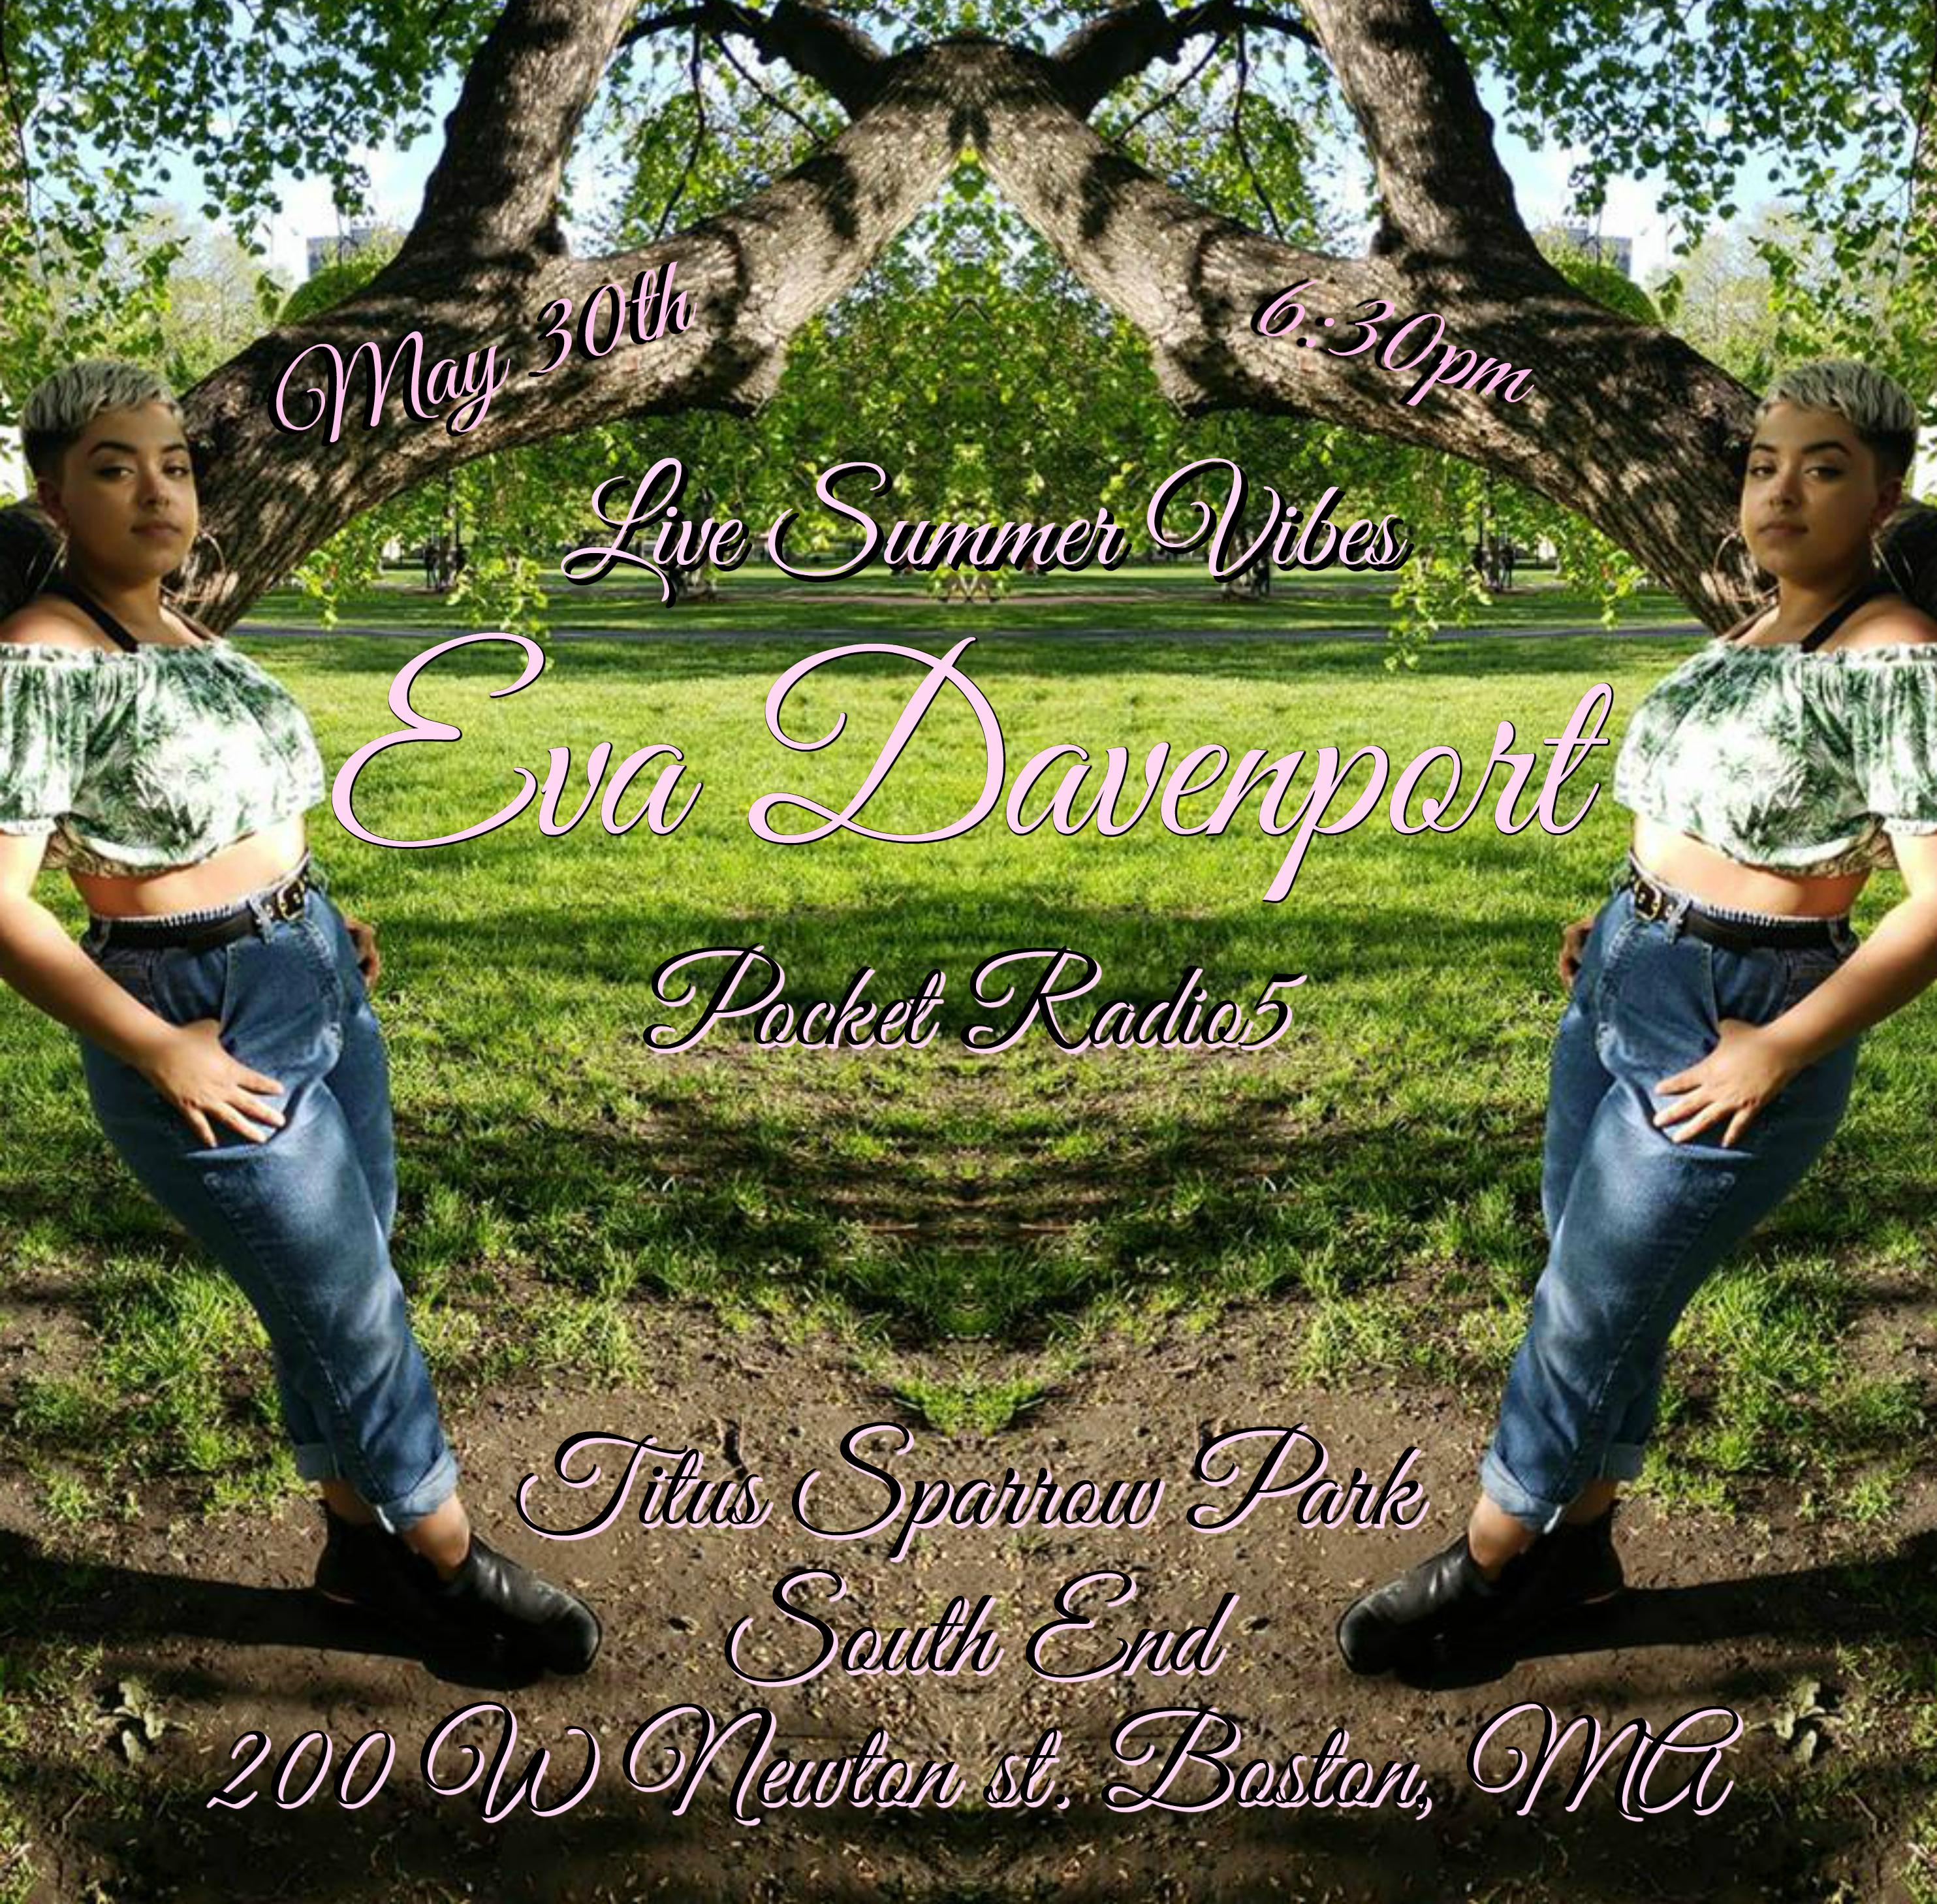 Titus Sparrow Park